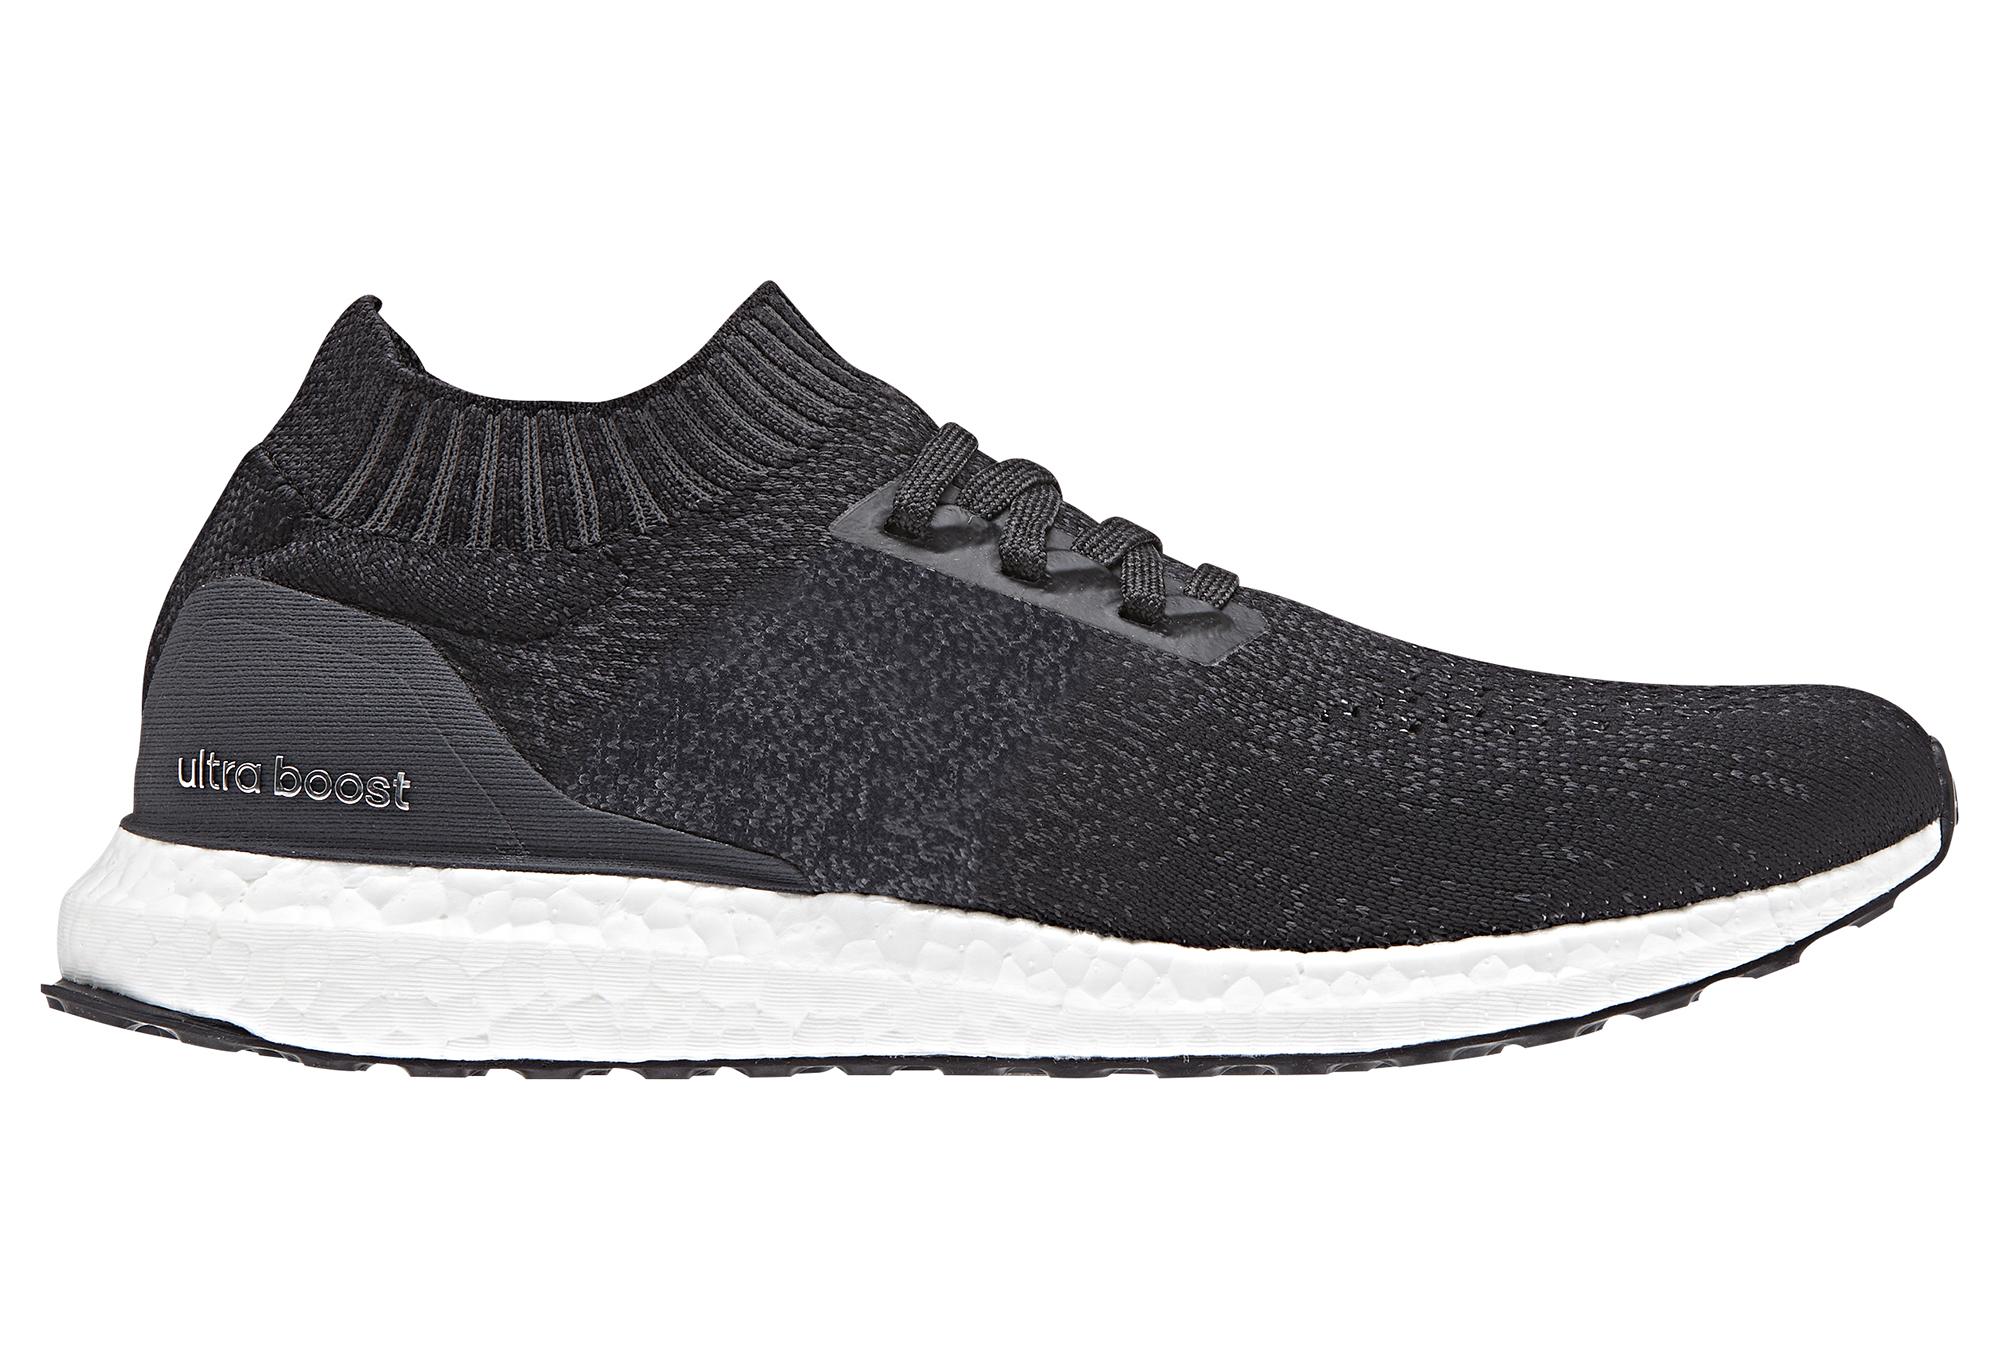 Chaussures de Running adidas running Ultra Boost Uncaged Noir